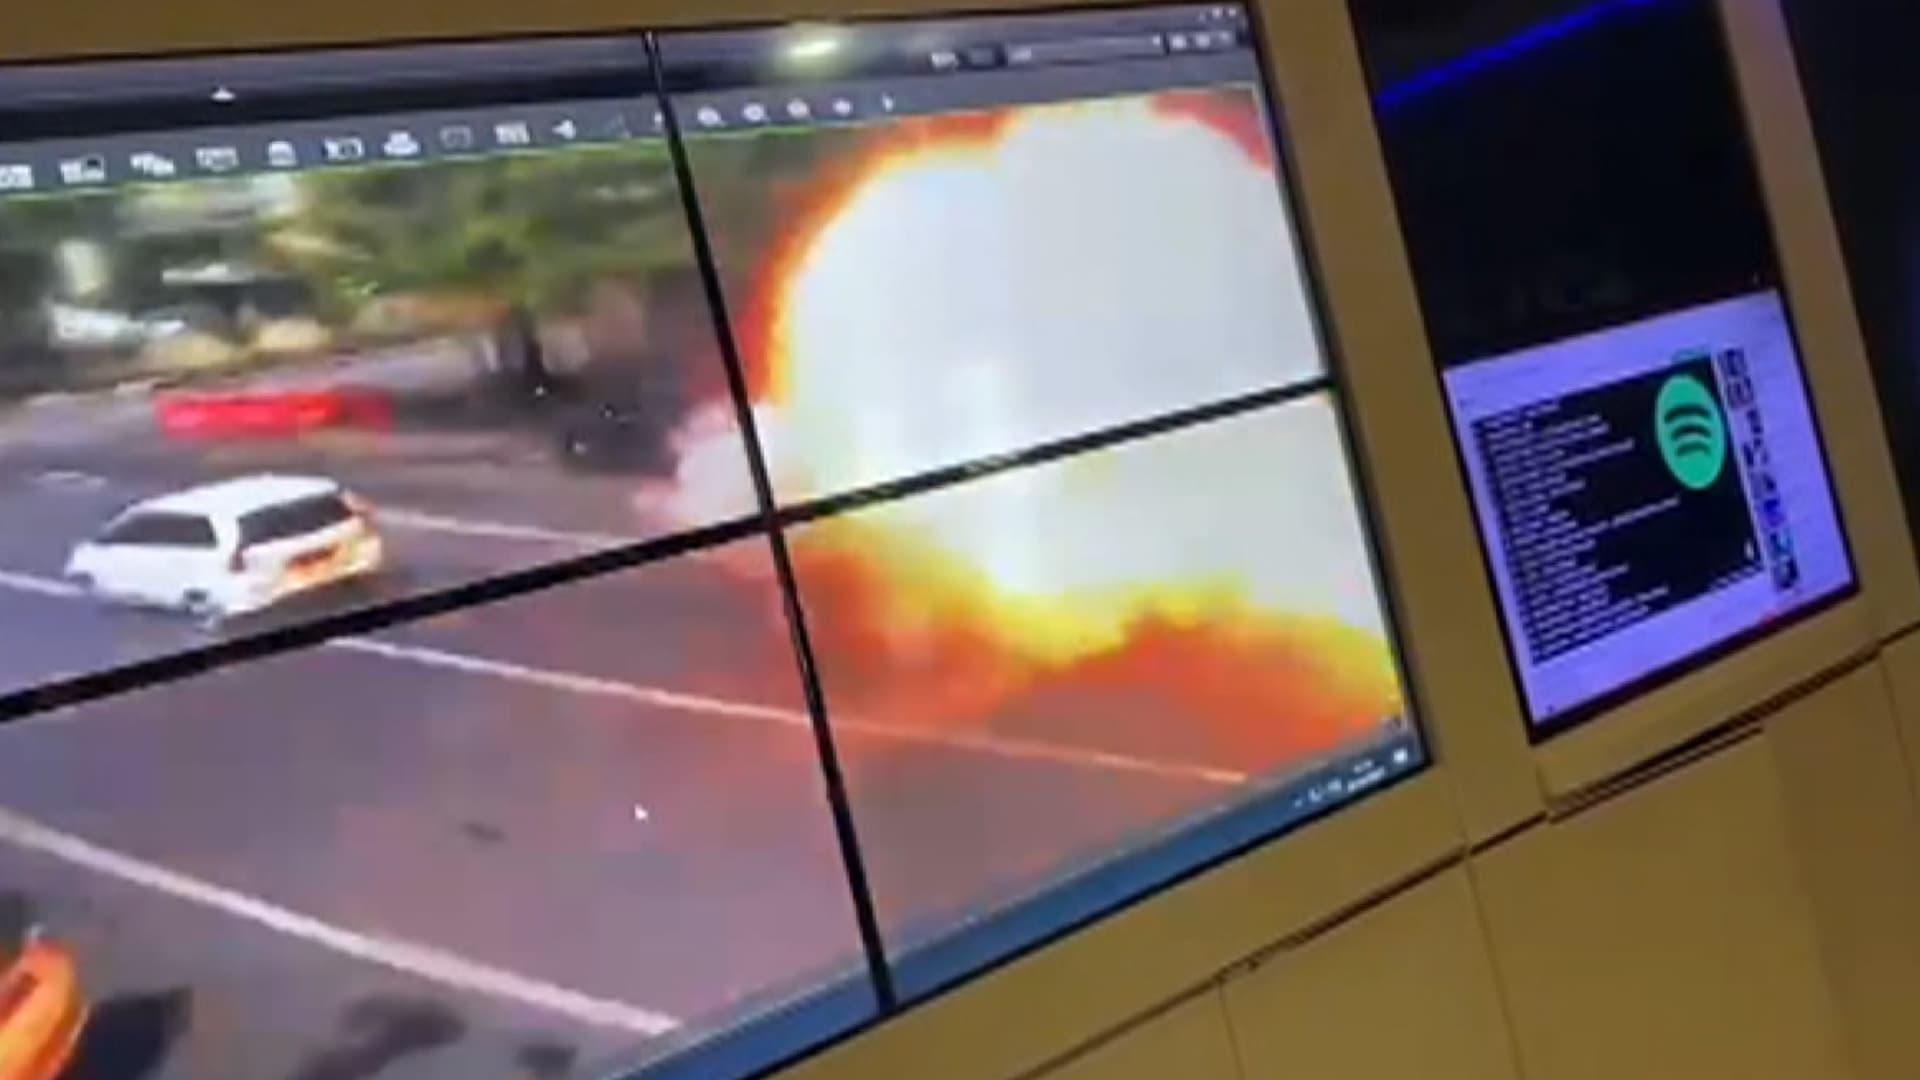 فيديو يُظهر لحظة وقوع الانفجار خارج كنيسة كاثوليكية في إندونيسيا